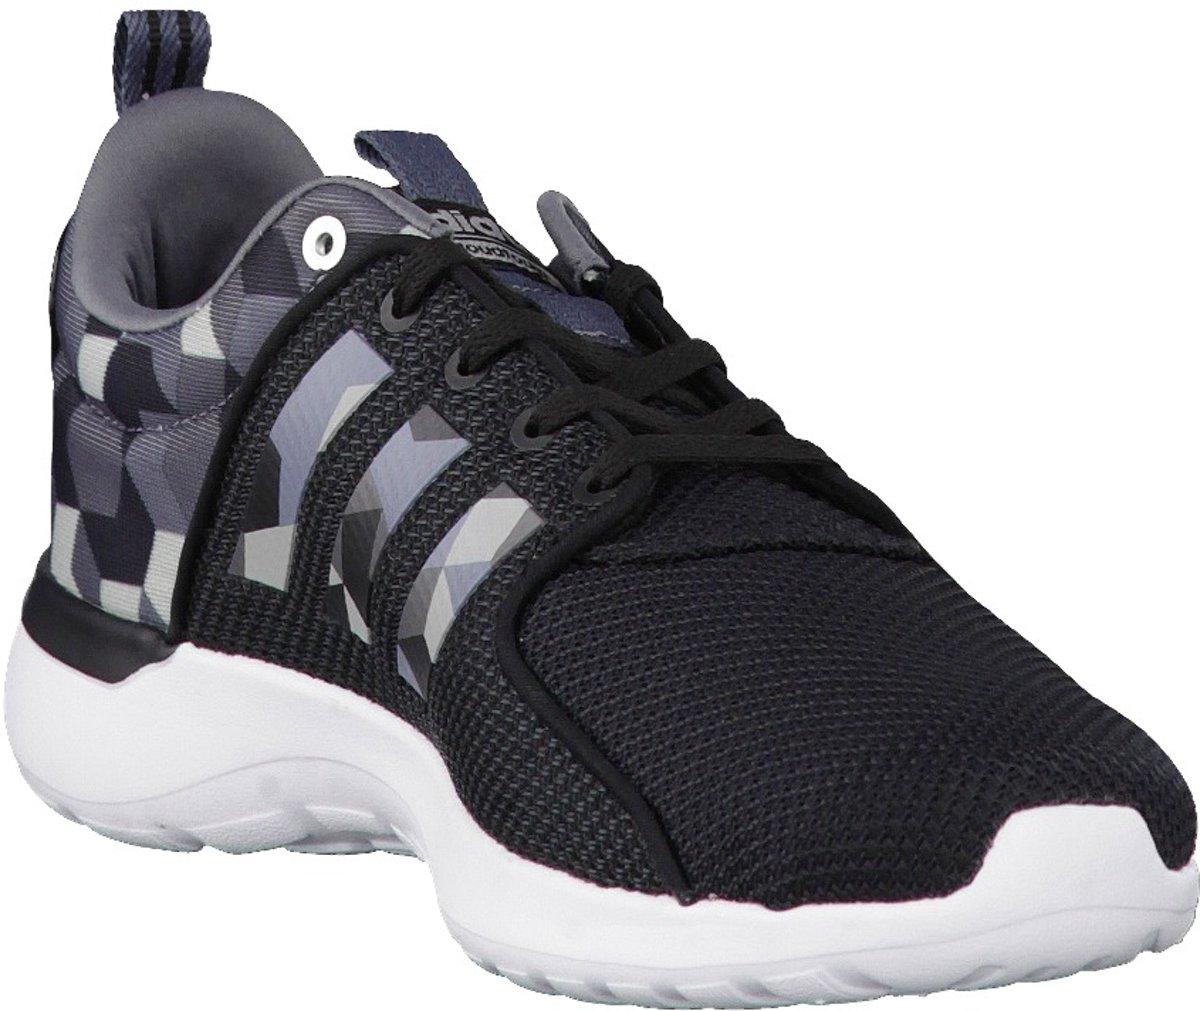 brand new 22294 03e93 bol.com  Adidas - Cloudfoam Lite Race - Sneaker runner - Heren - Maat 42 -  Zwart - Core Black